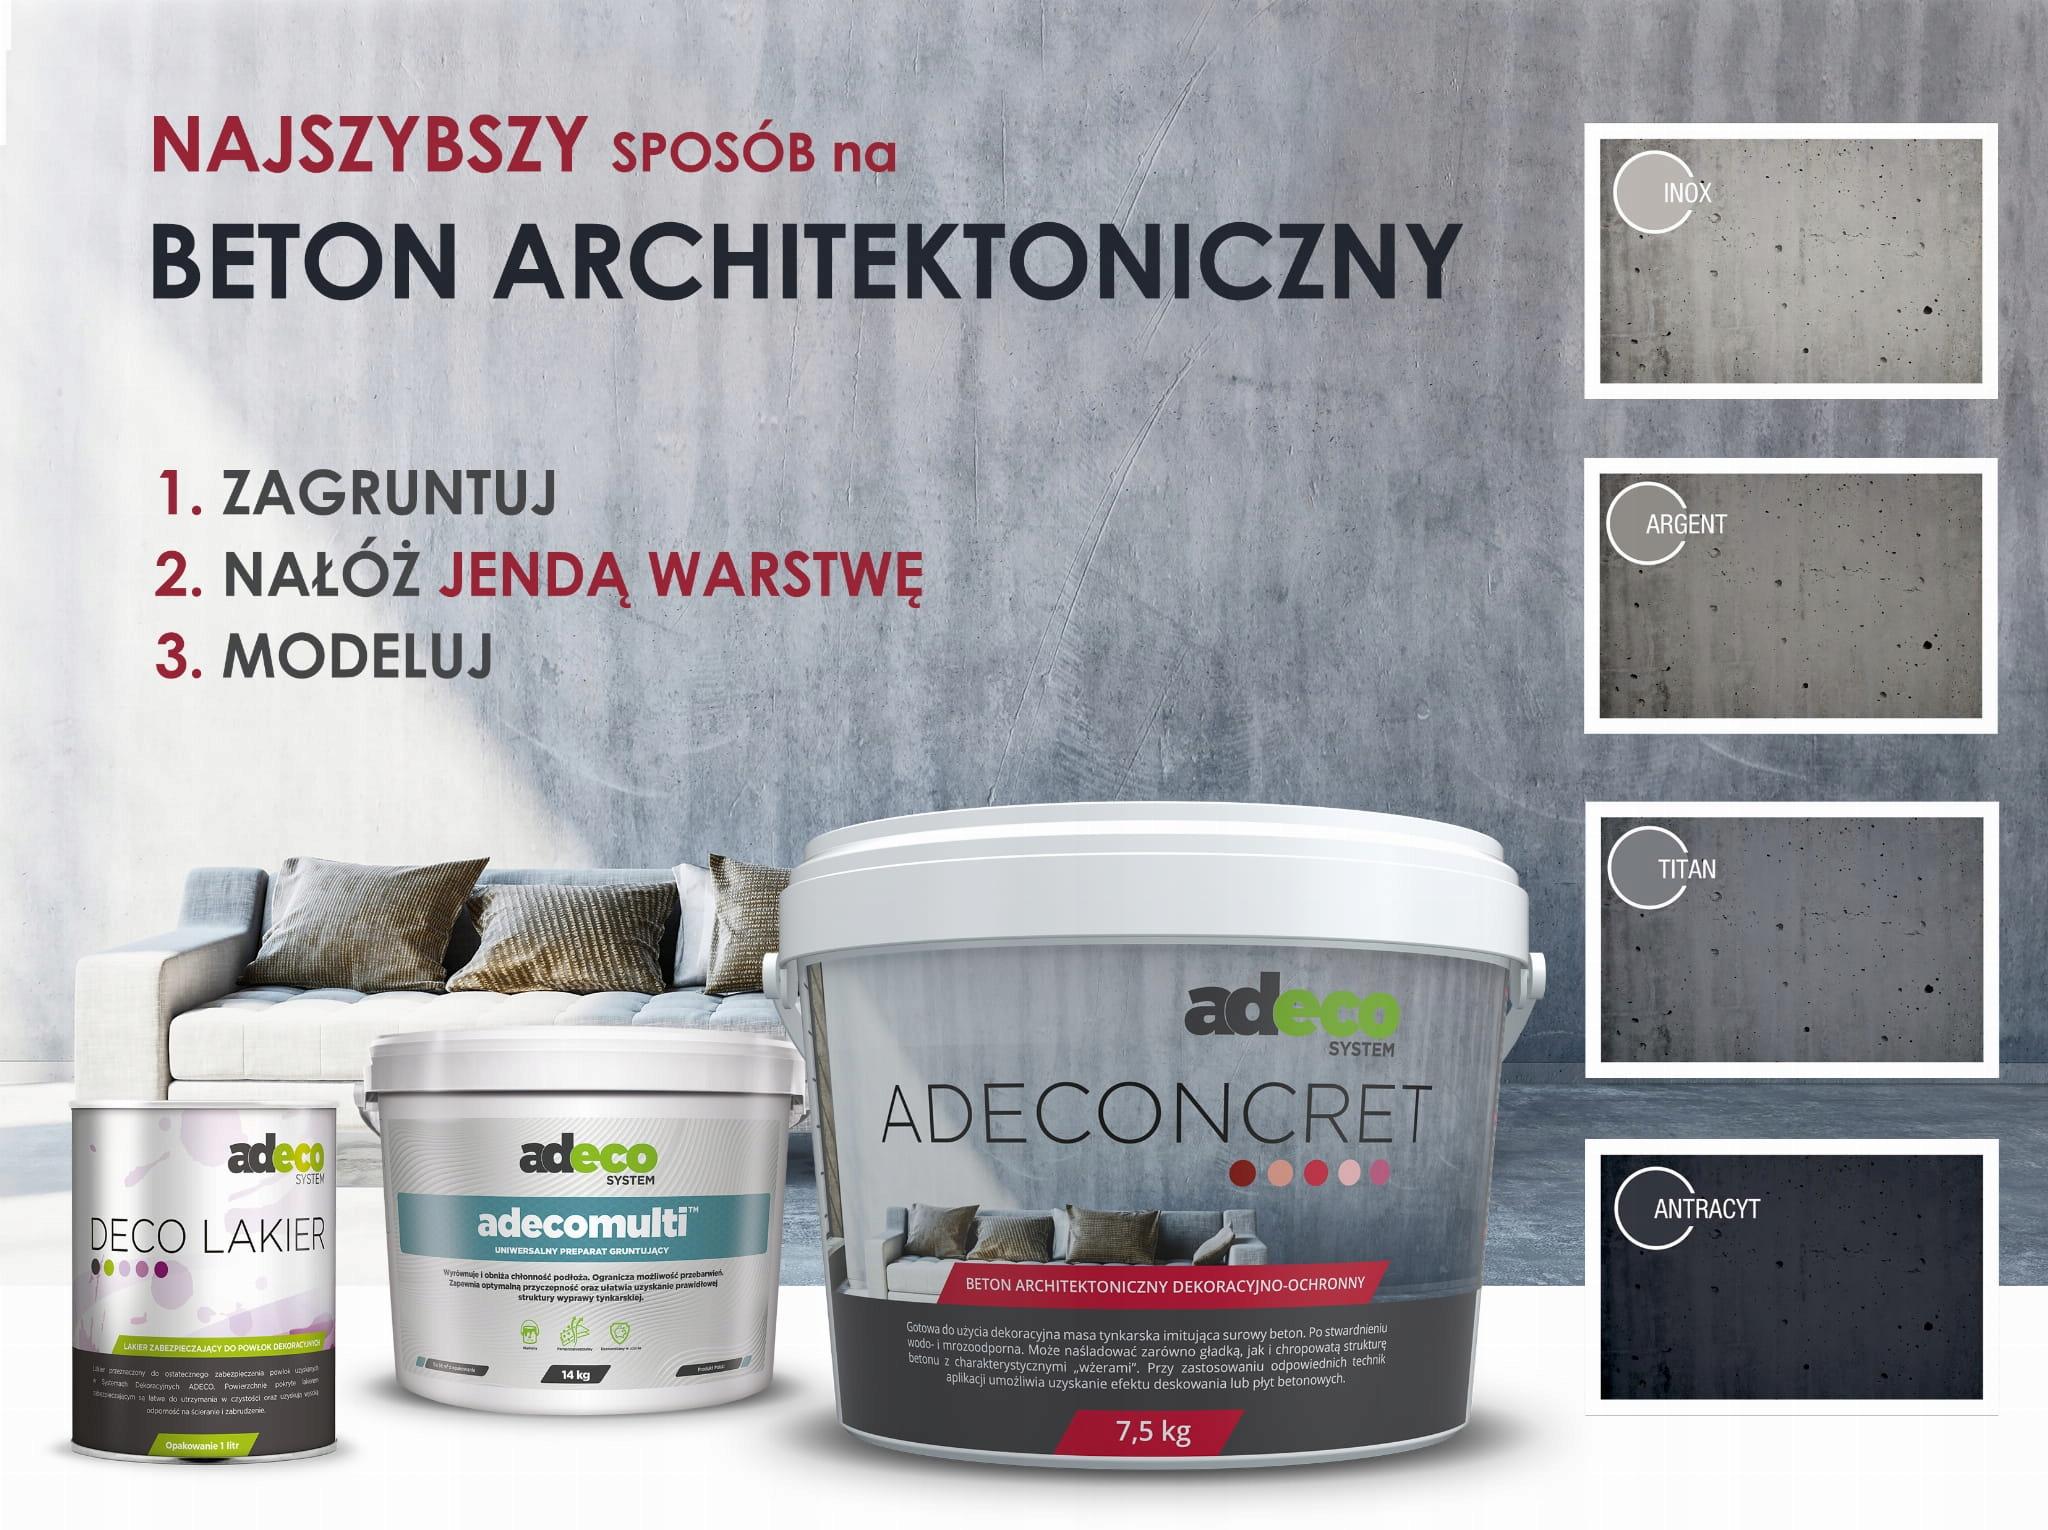 Beton architektoniczny tynk dekoracyjny tester kol